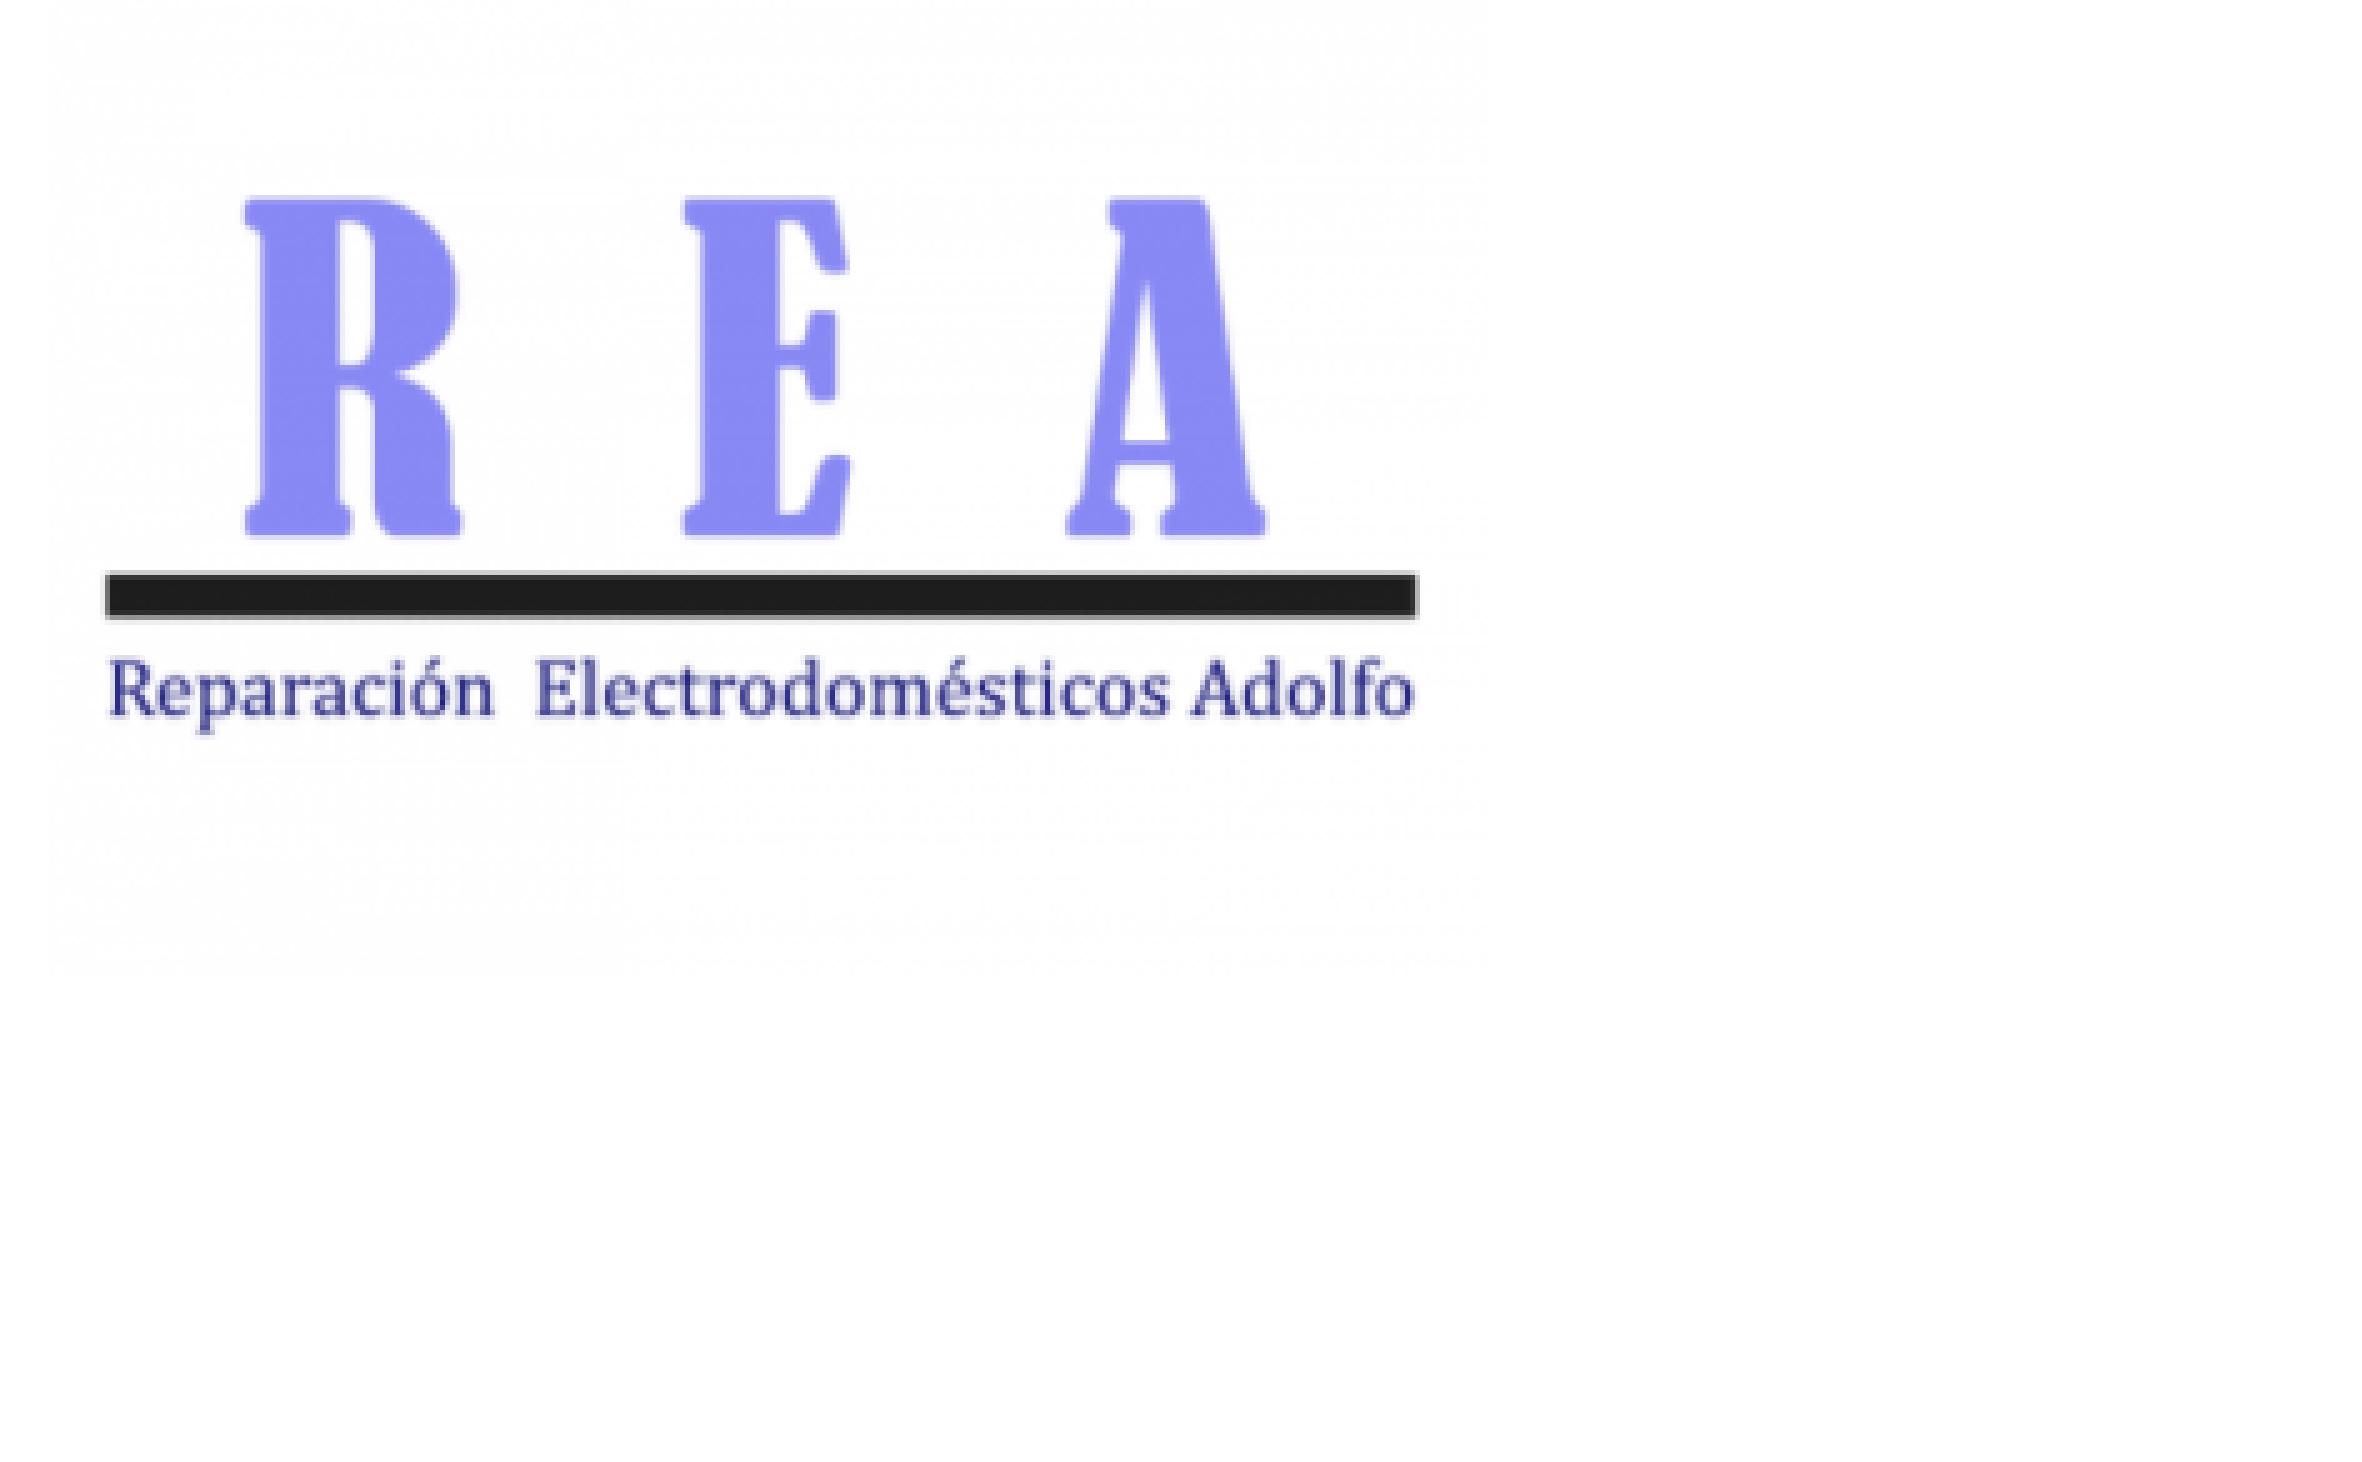 Reparación De Electrodomésticos Adolfo